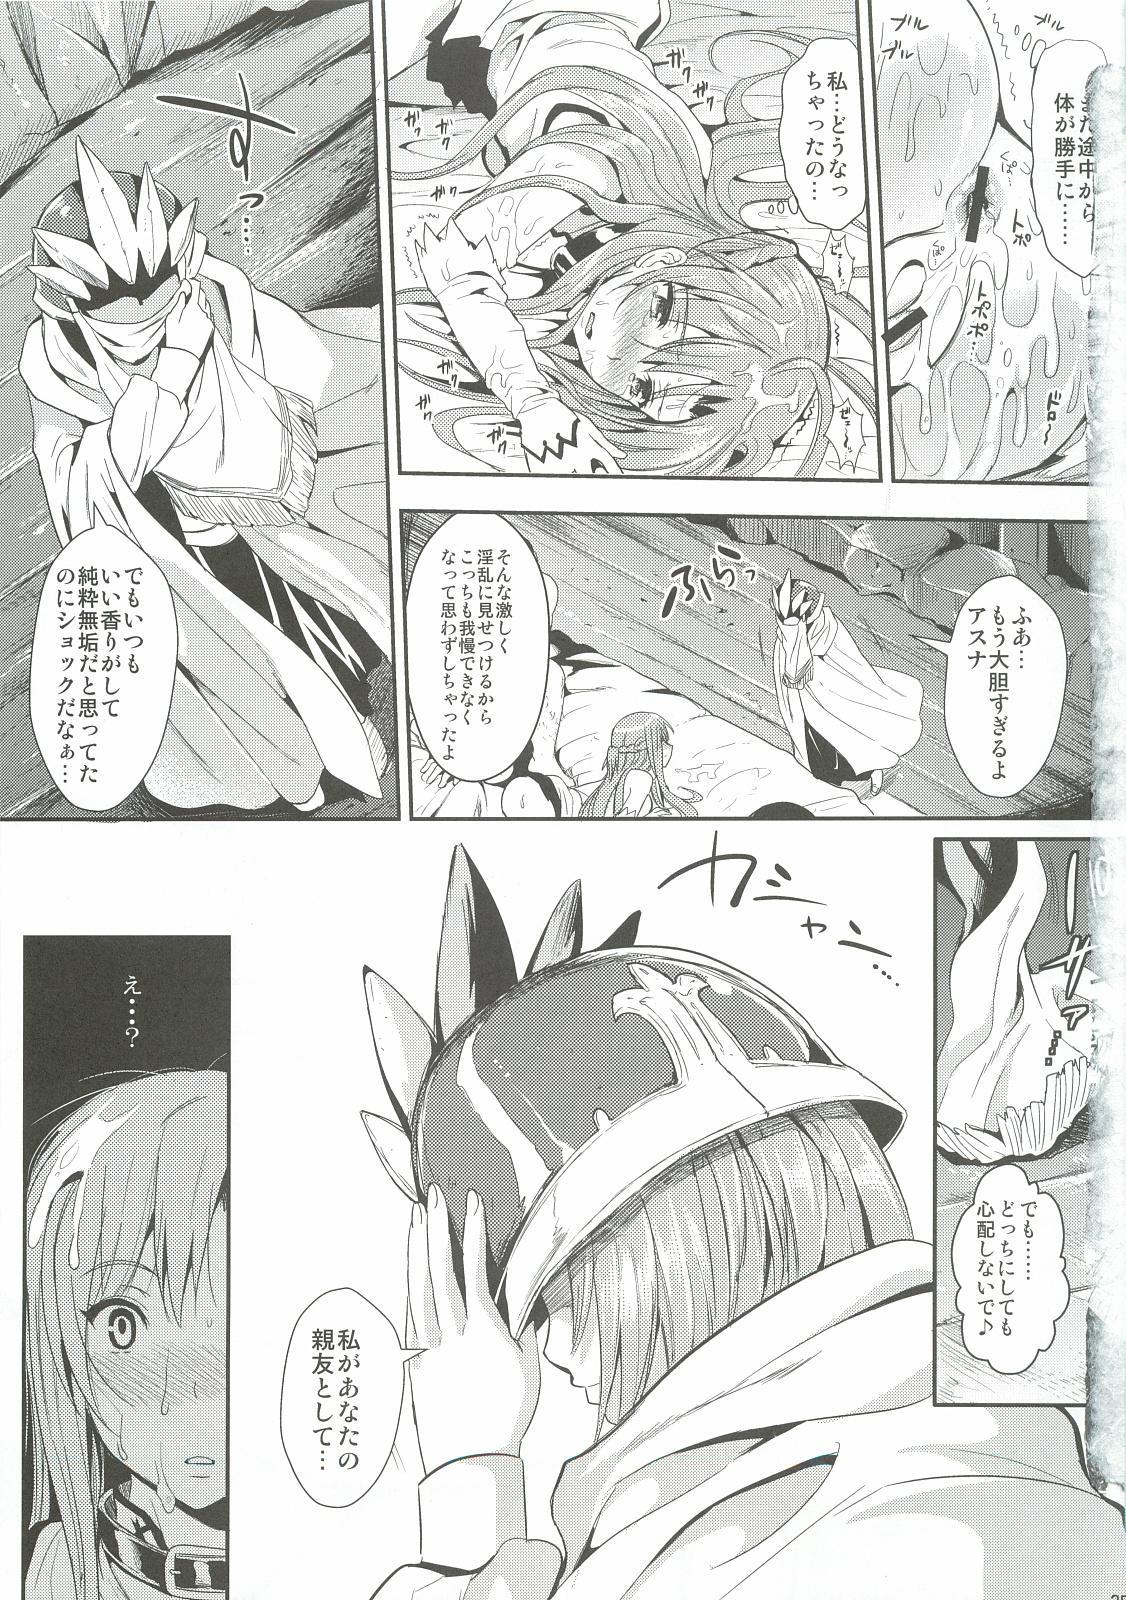 Shujou Seikou II α Watashi... Okasarete Anal ni Mezamemashita 33